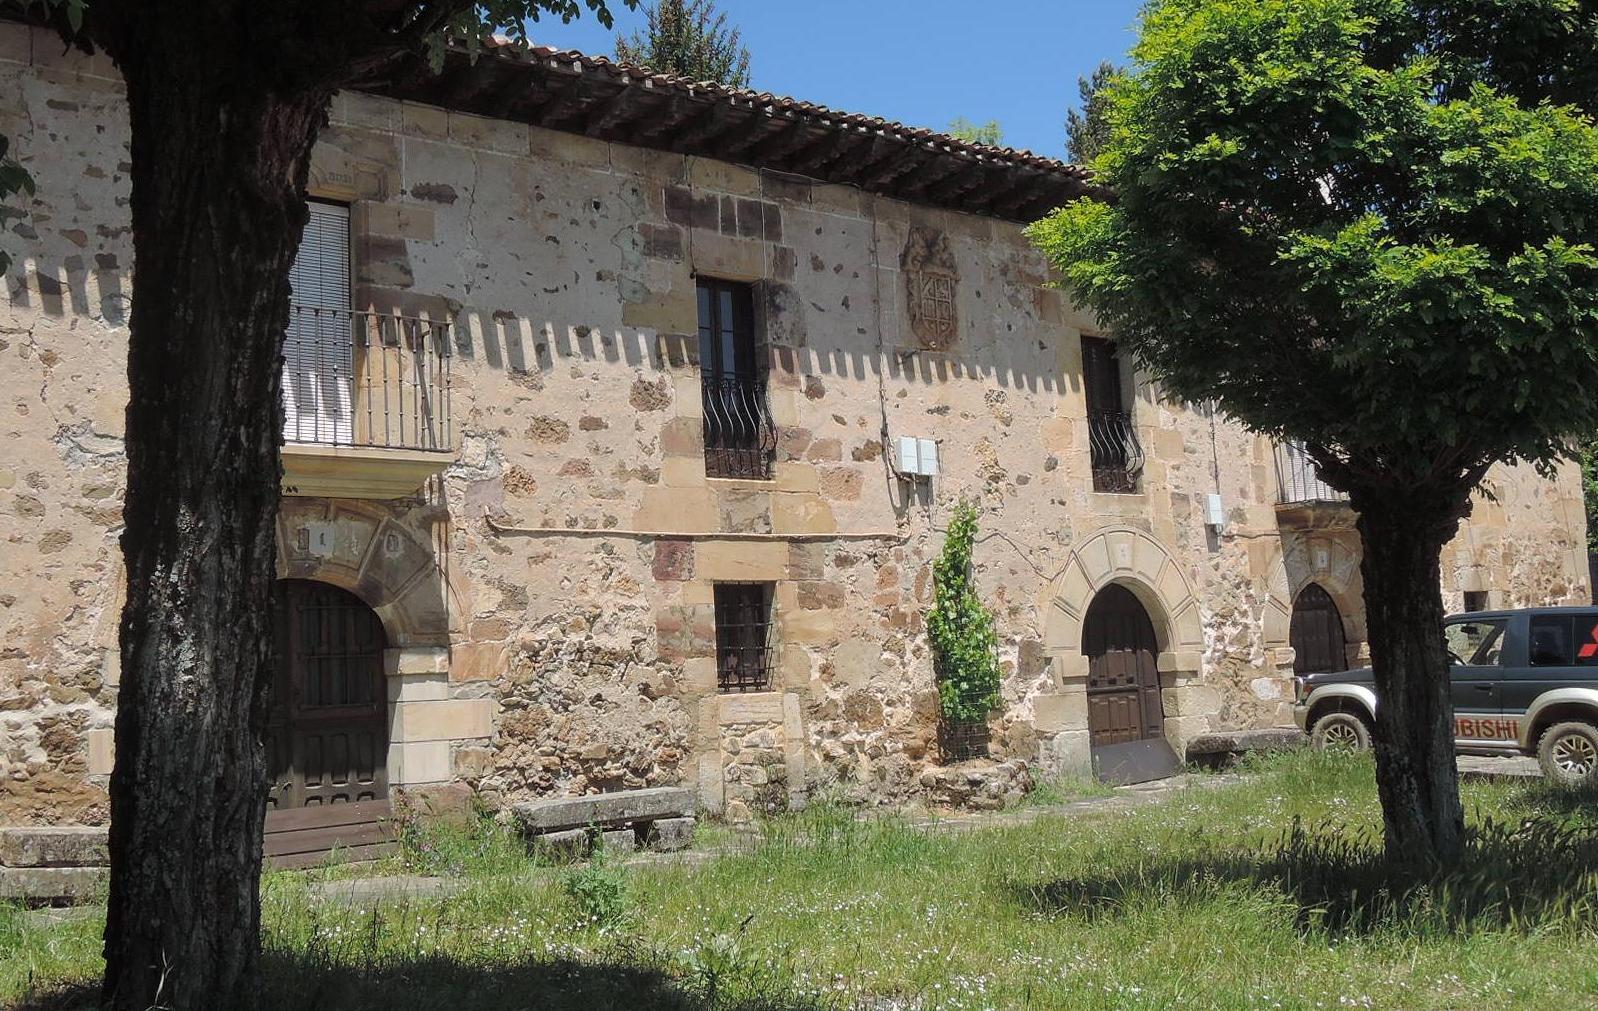 Palacete nobiliario a la entrada de Barbadillo de Herreros.